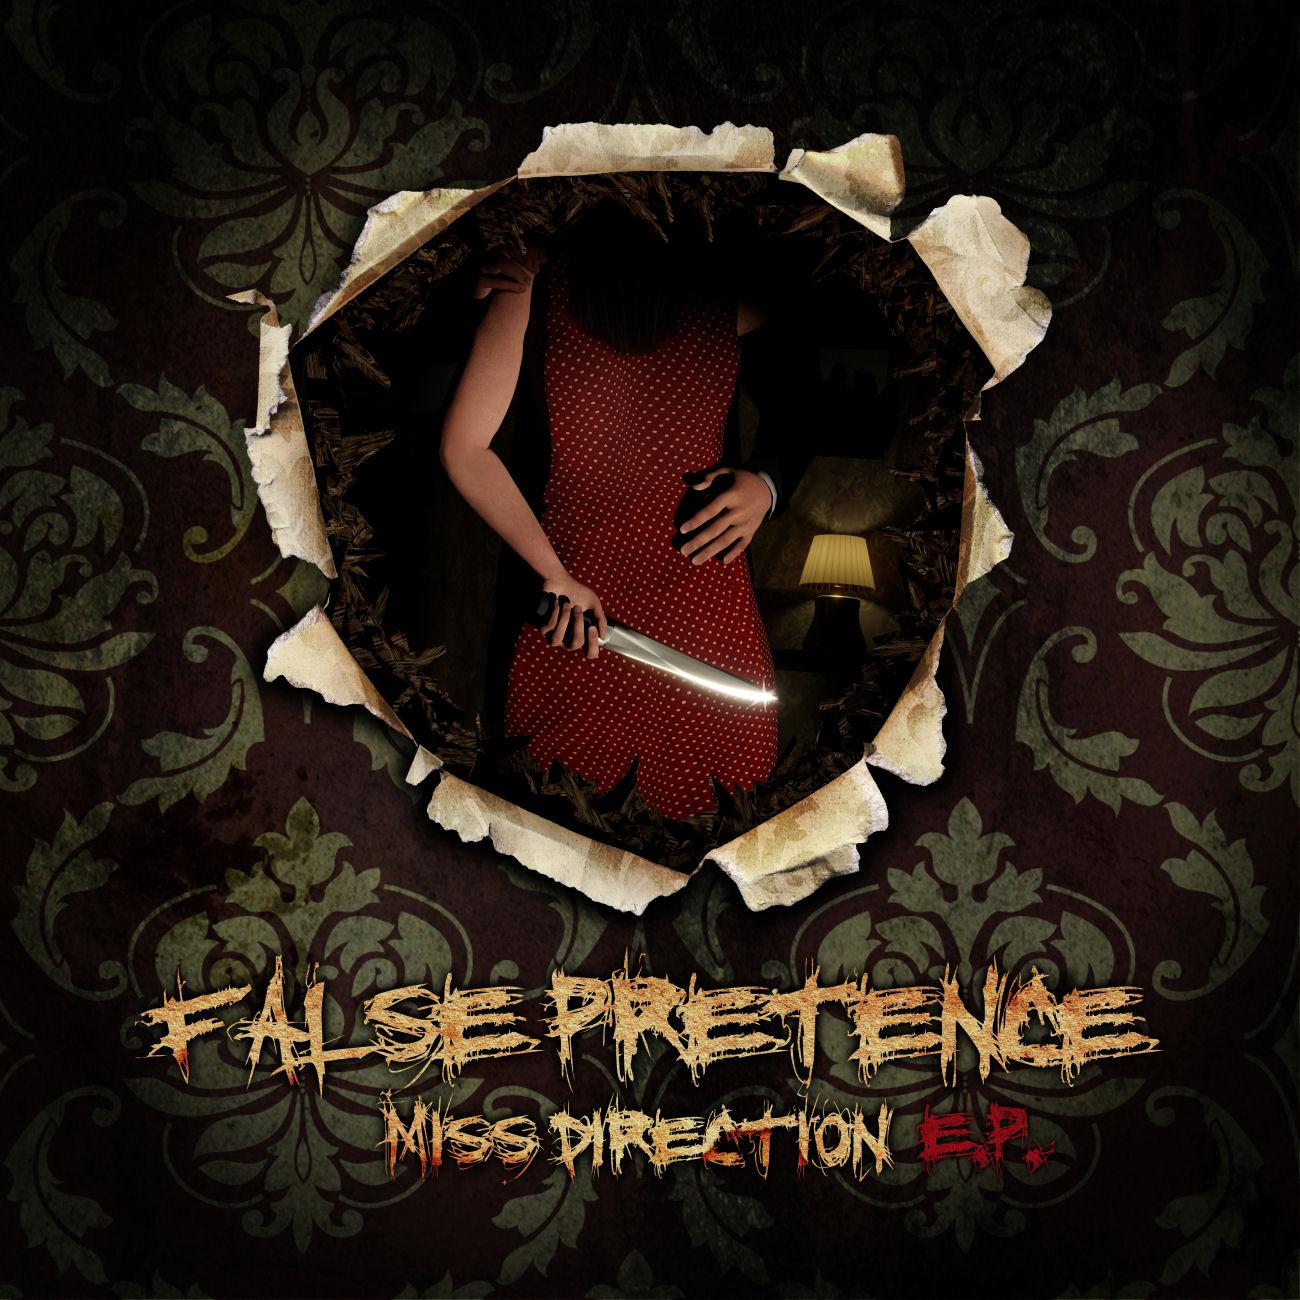 False Pretence – Miss Direction